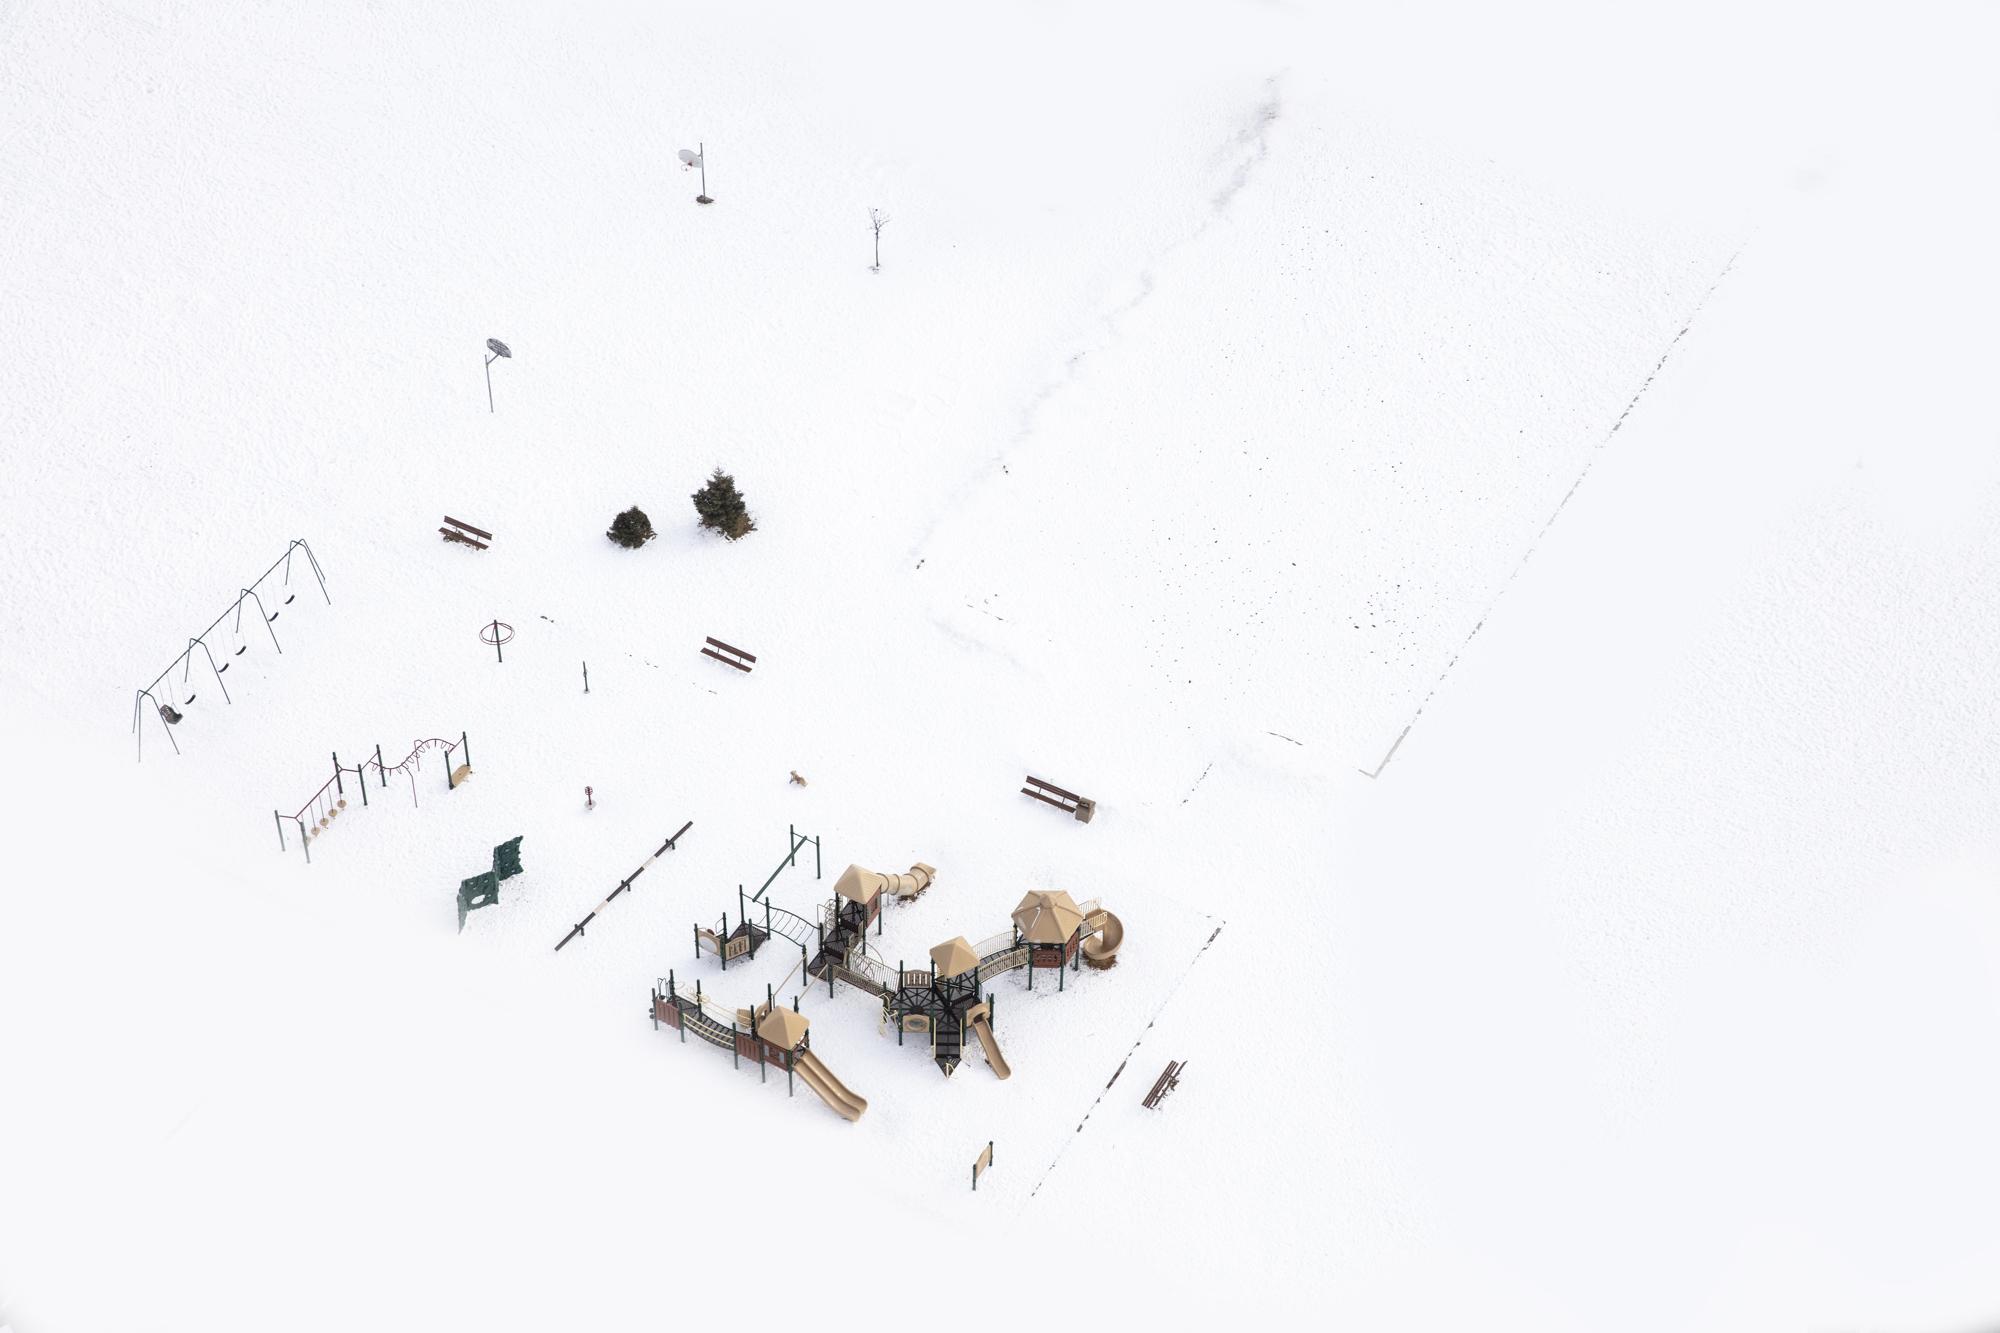 160206_WinterAerials_01695T2.JPG